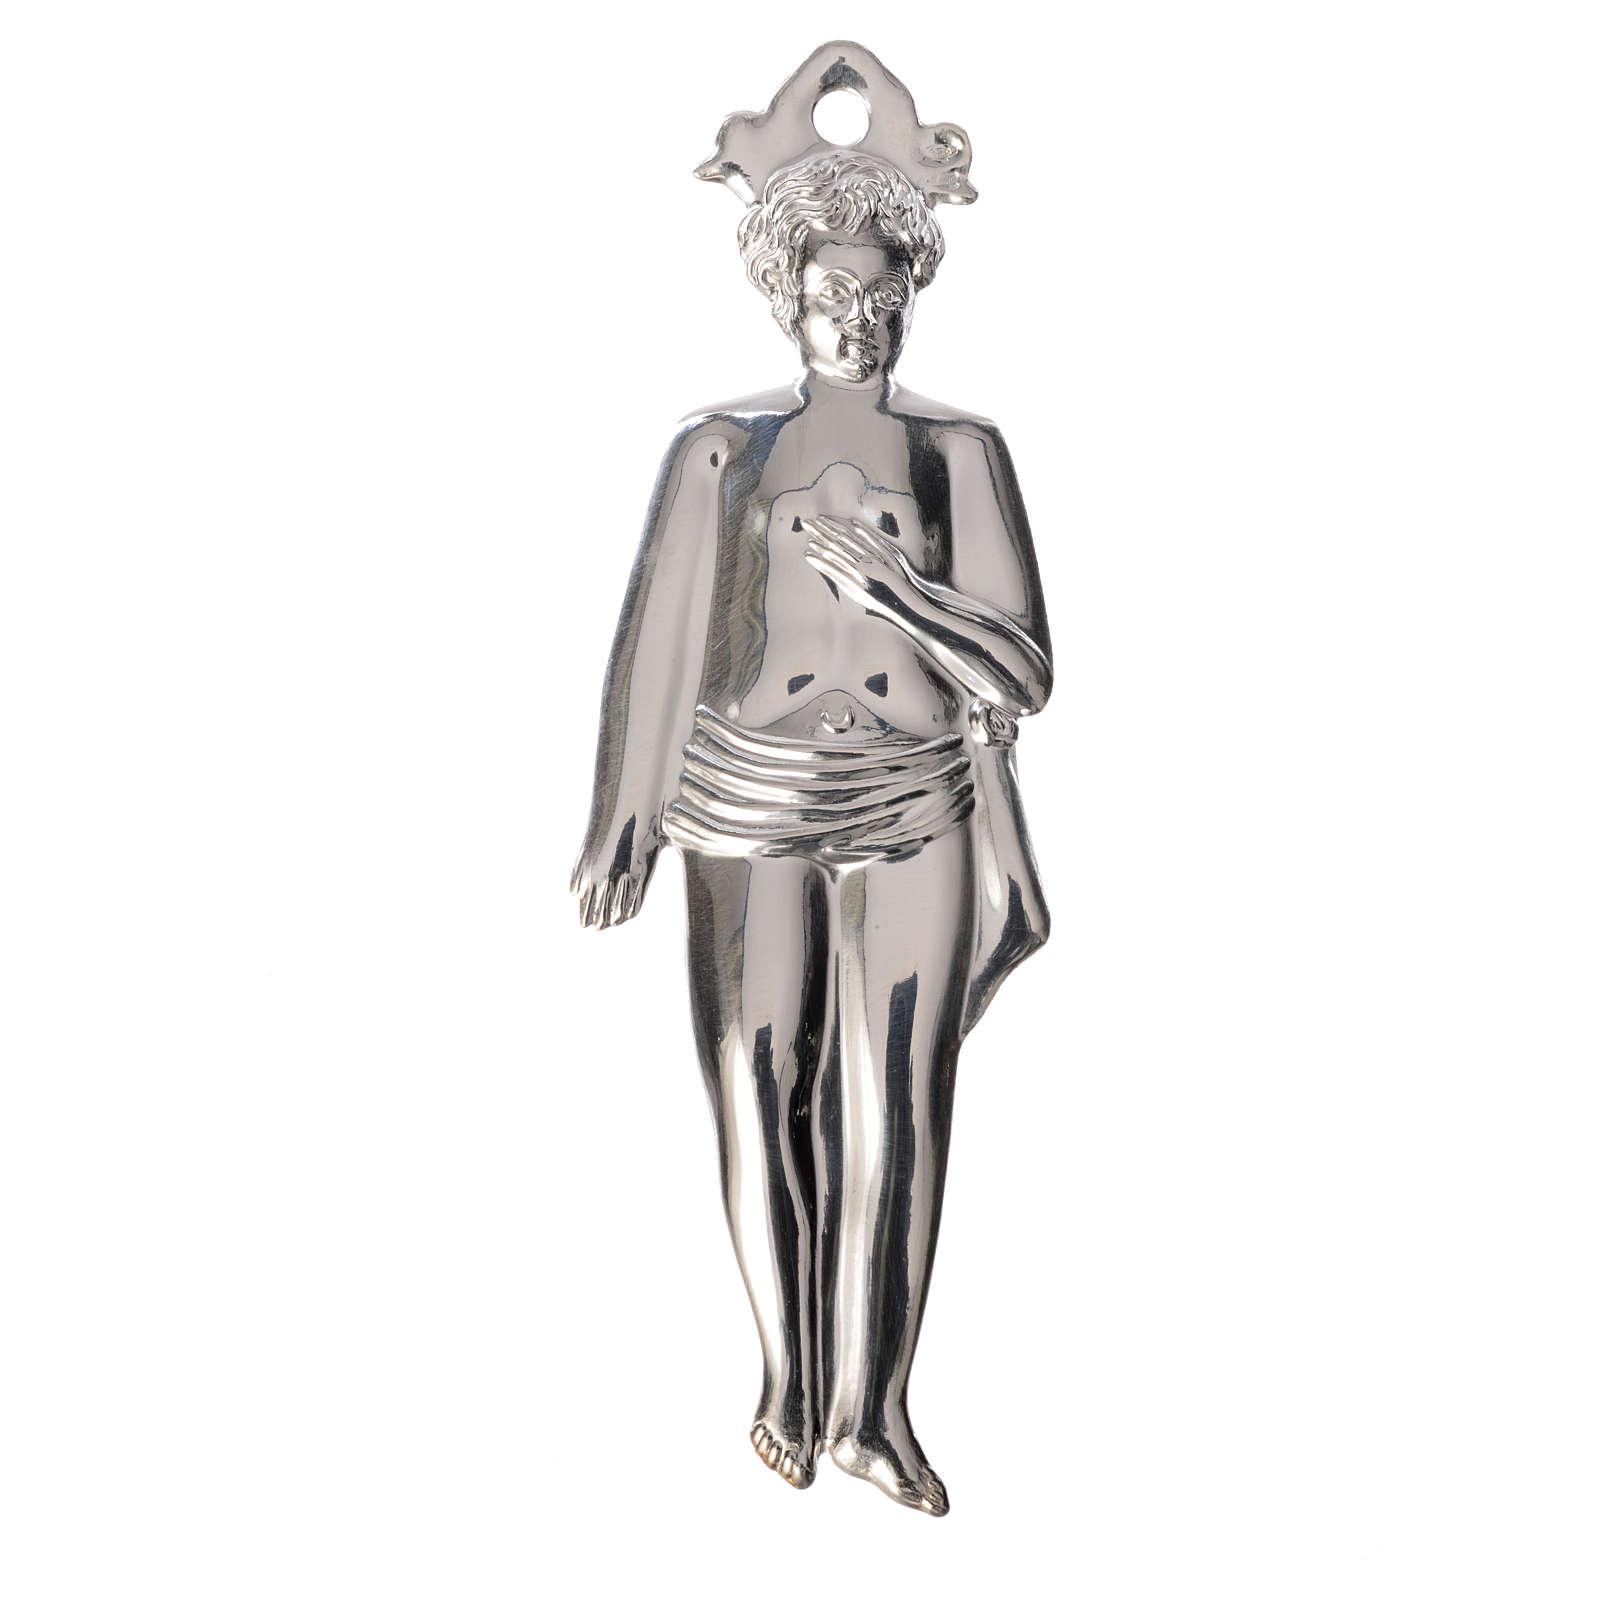 Ex-voto enfant argent 925 ou métal 12.5 cm 3